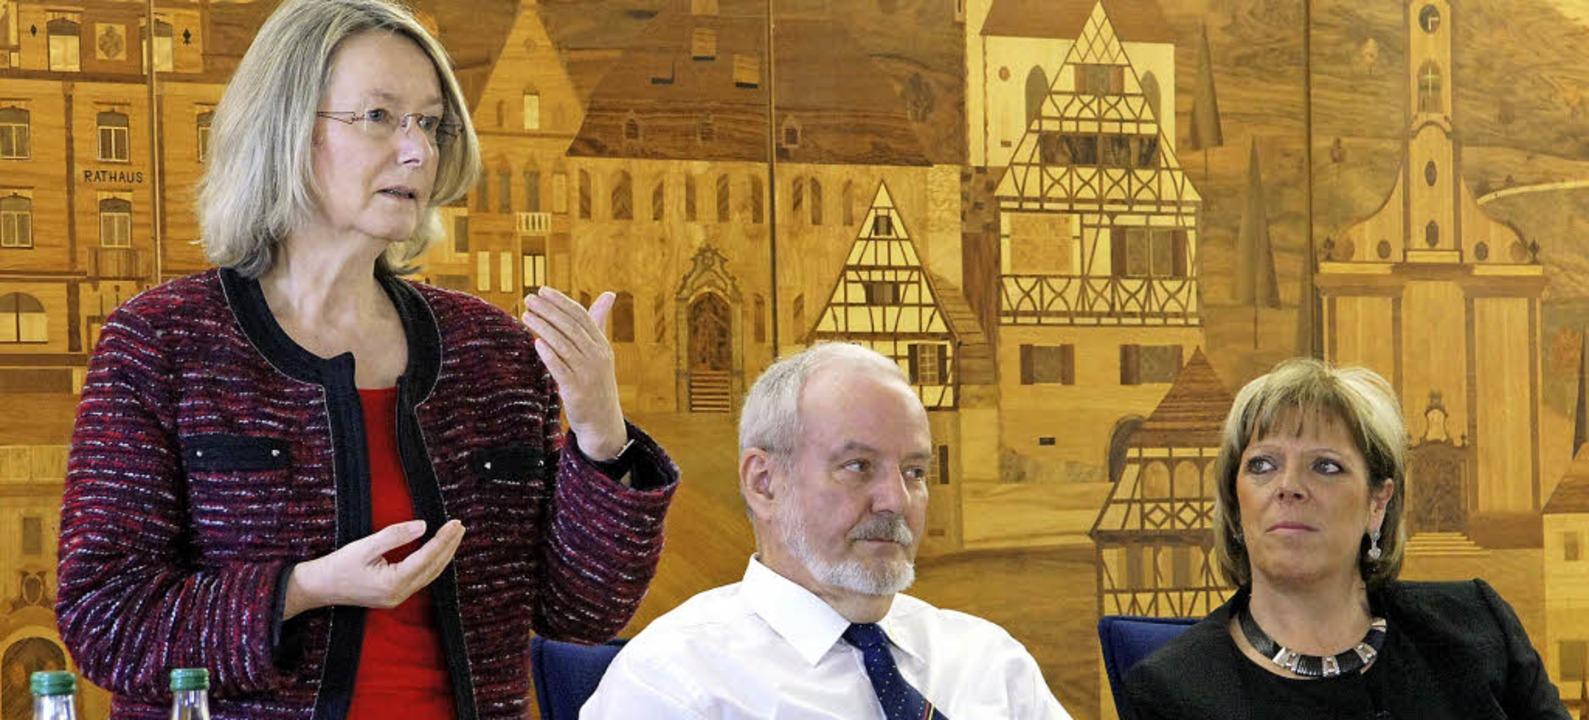 EU-Politikerin Evelyn Gebhardt  referi...ölfle begleitete Gebhardt beim Termin.    Foto: Hüge